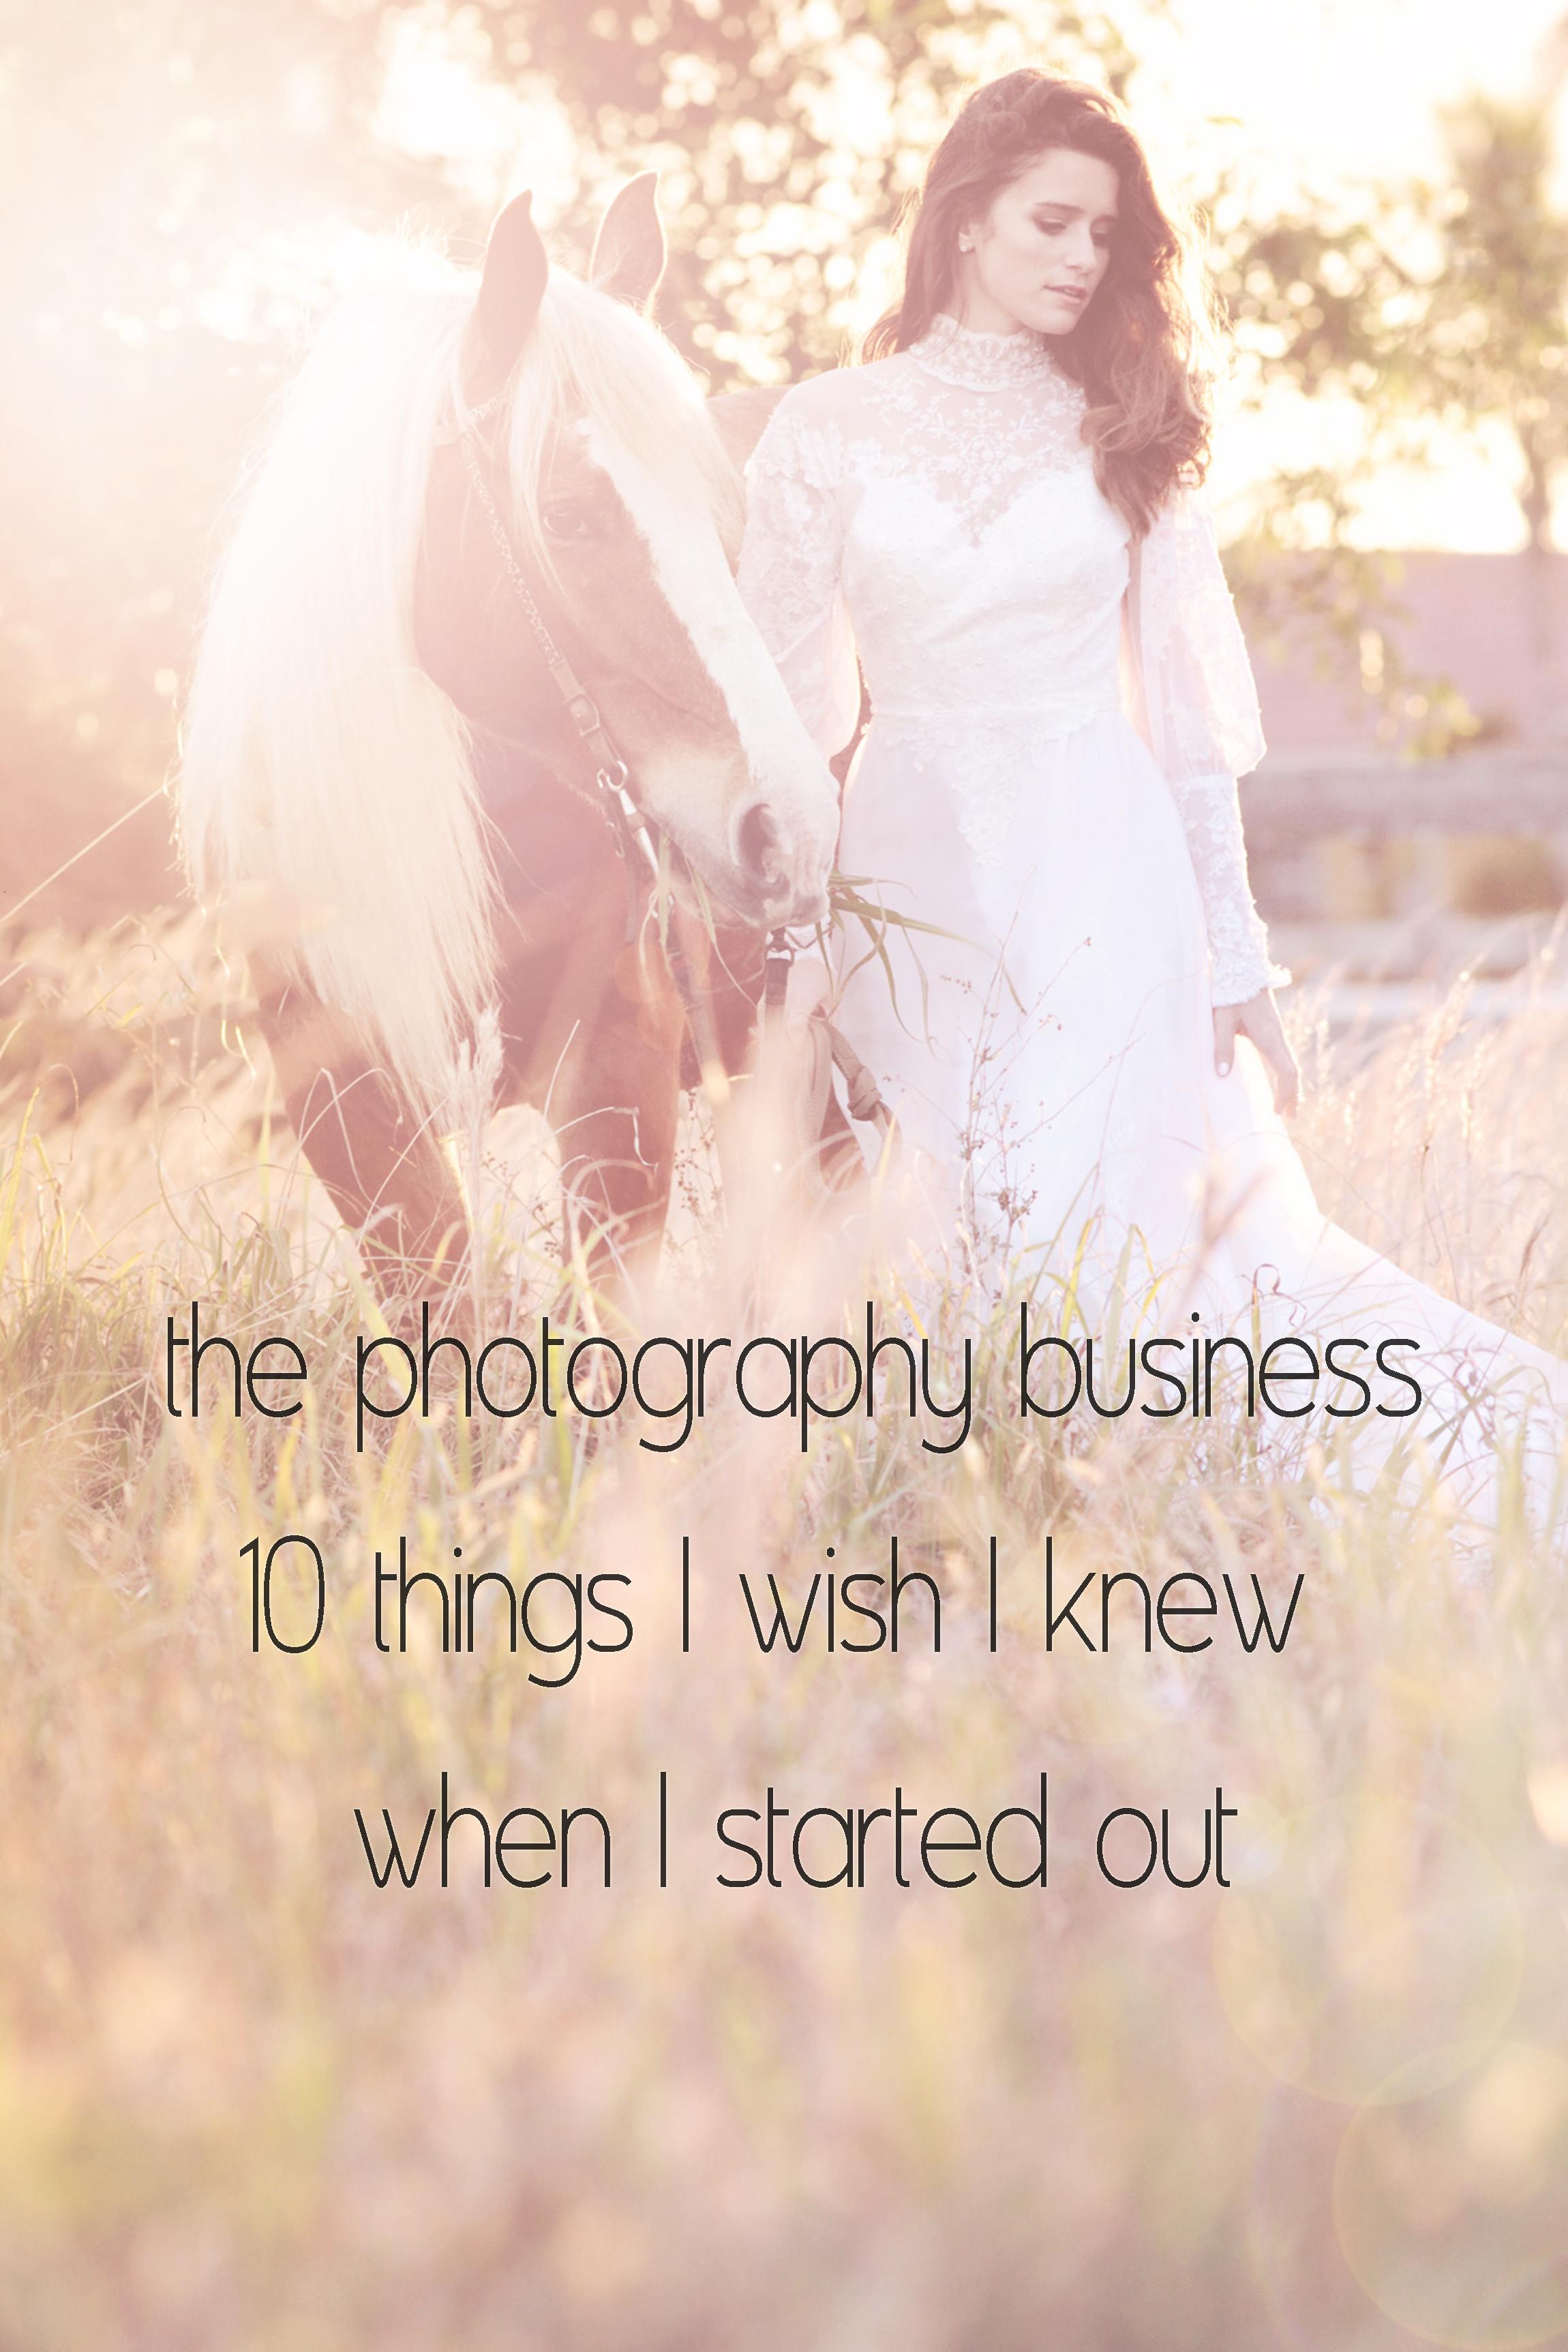 10thingsIwishIknewaboutphotographybusiness